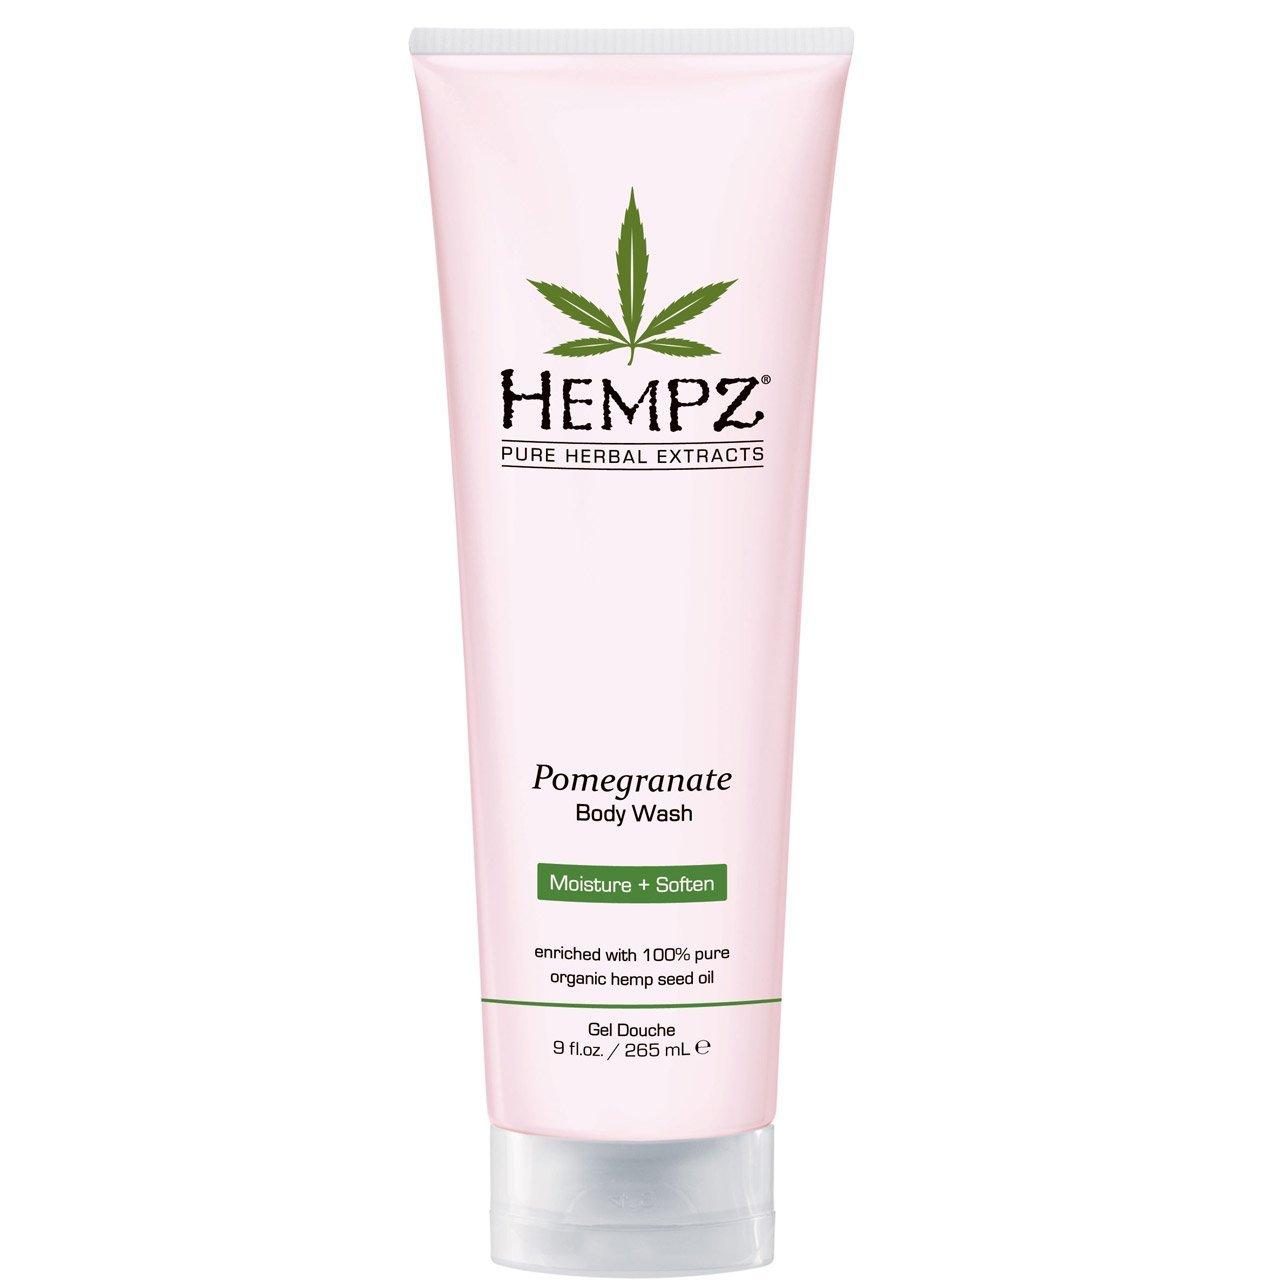 Hempz Гель для душа с ганатом Pomegranate Body Wash 250 мл676280012912/676280022119Гель для душа с гранатом предназначен для ежедневного использования и оказывает смягчающее и деликатное очищающее воздействие. В состав геля входят конопляное масло и экстракты семян конопли и граната, эффективно выравнивающие и поддерживающие гидролипидный баланс кожи.